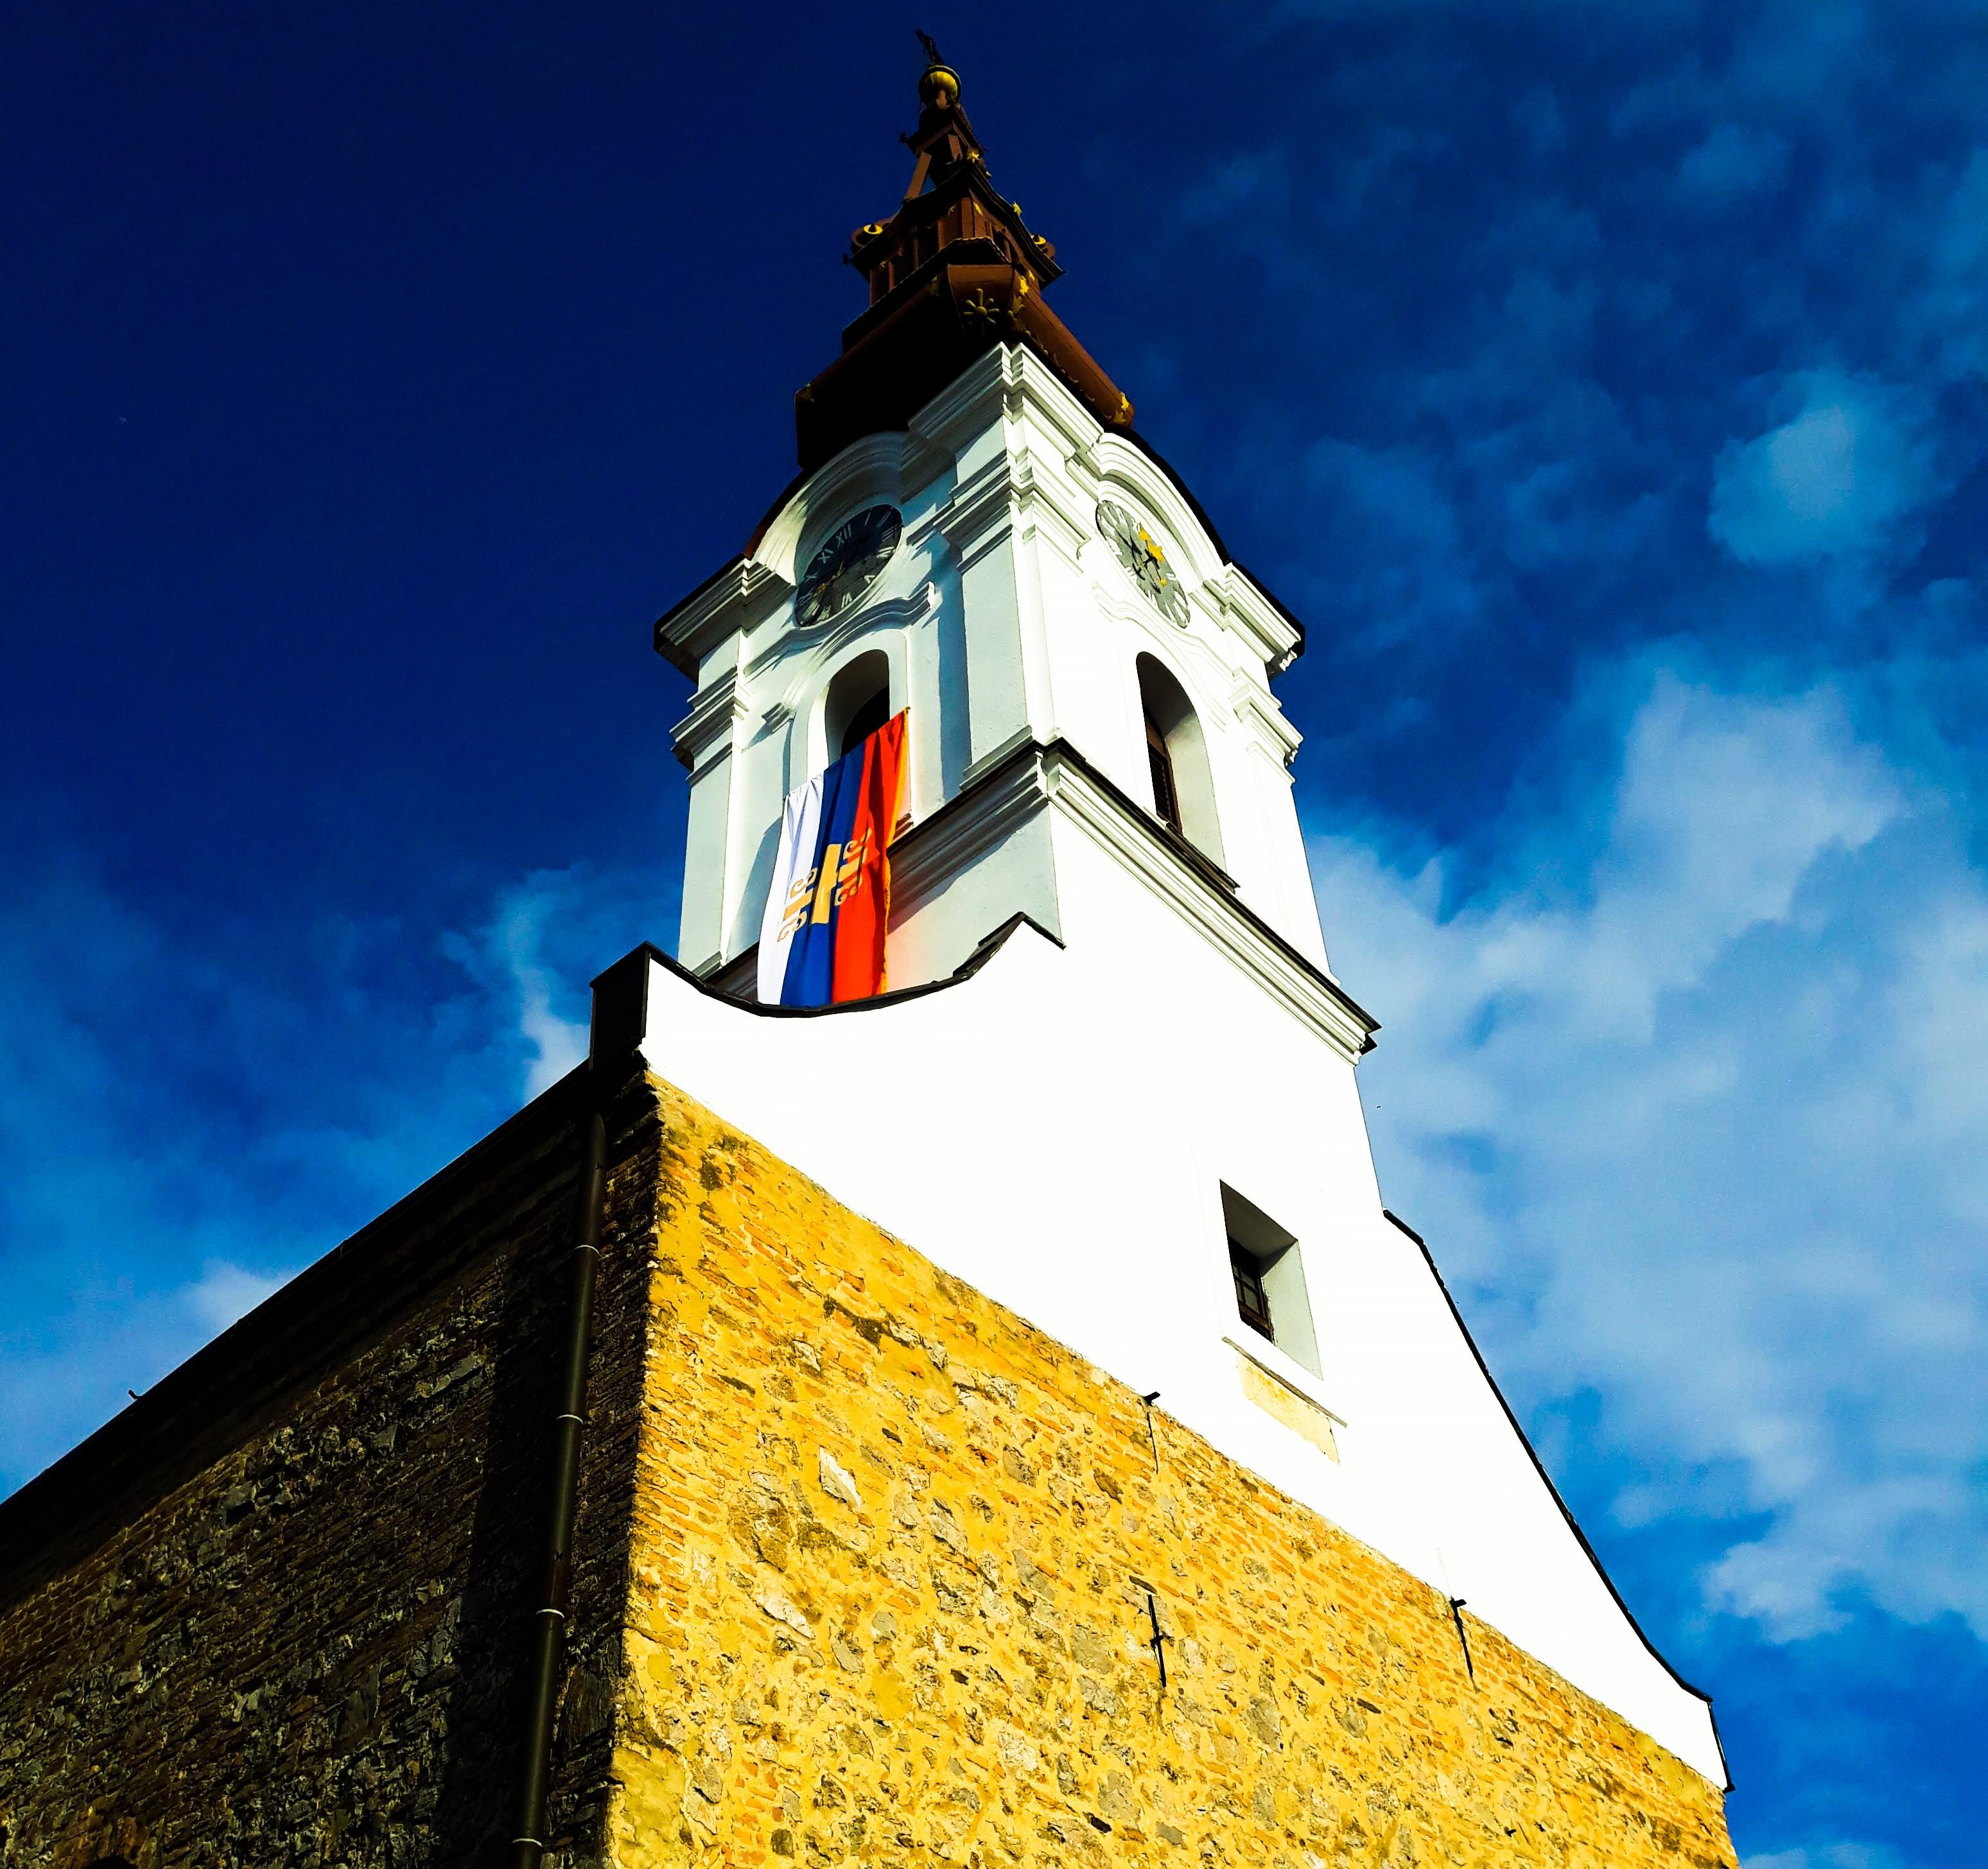 LEPOTE STAROG SLANKAMENA: Crkva svetog Nikole jedna od najstarijih u Sremu